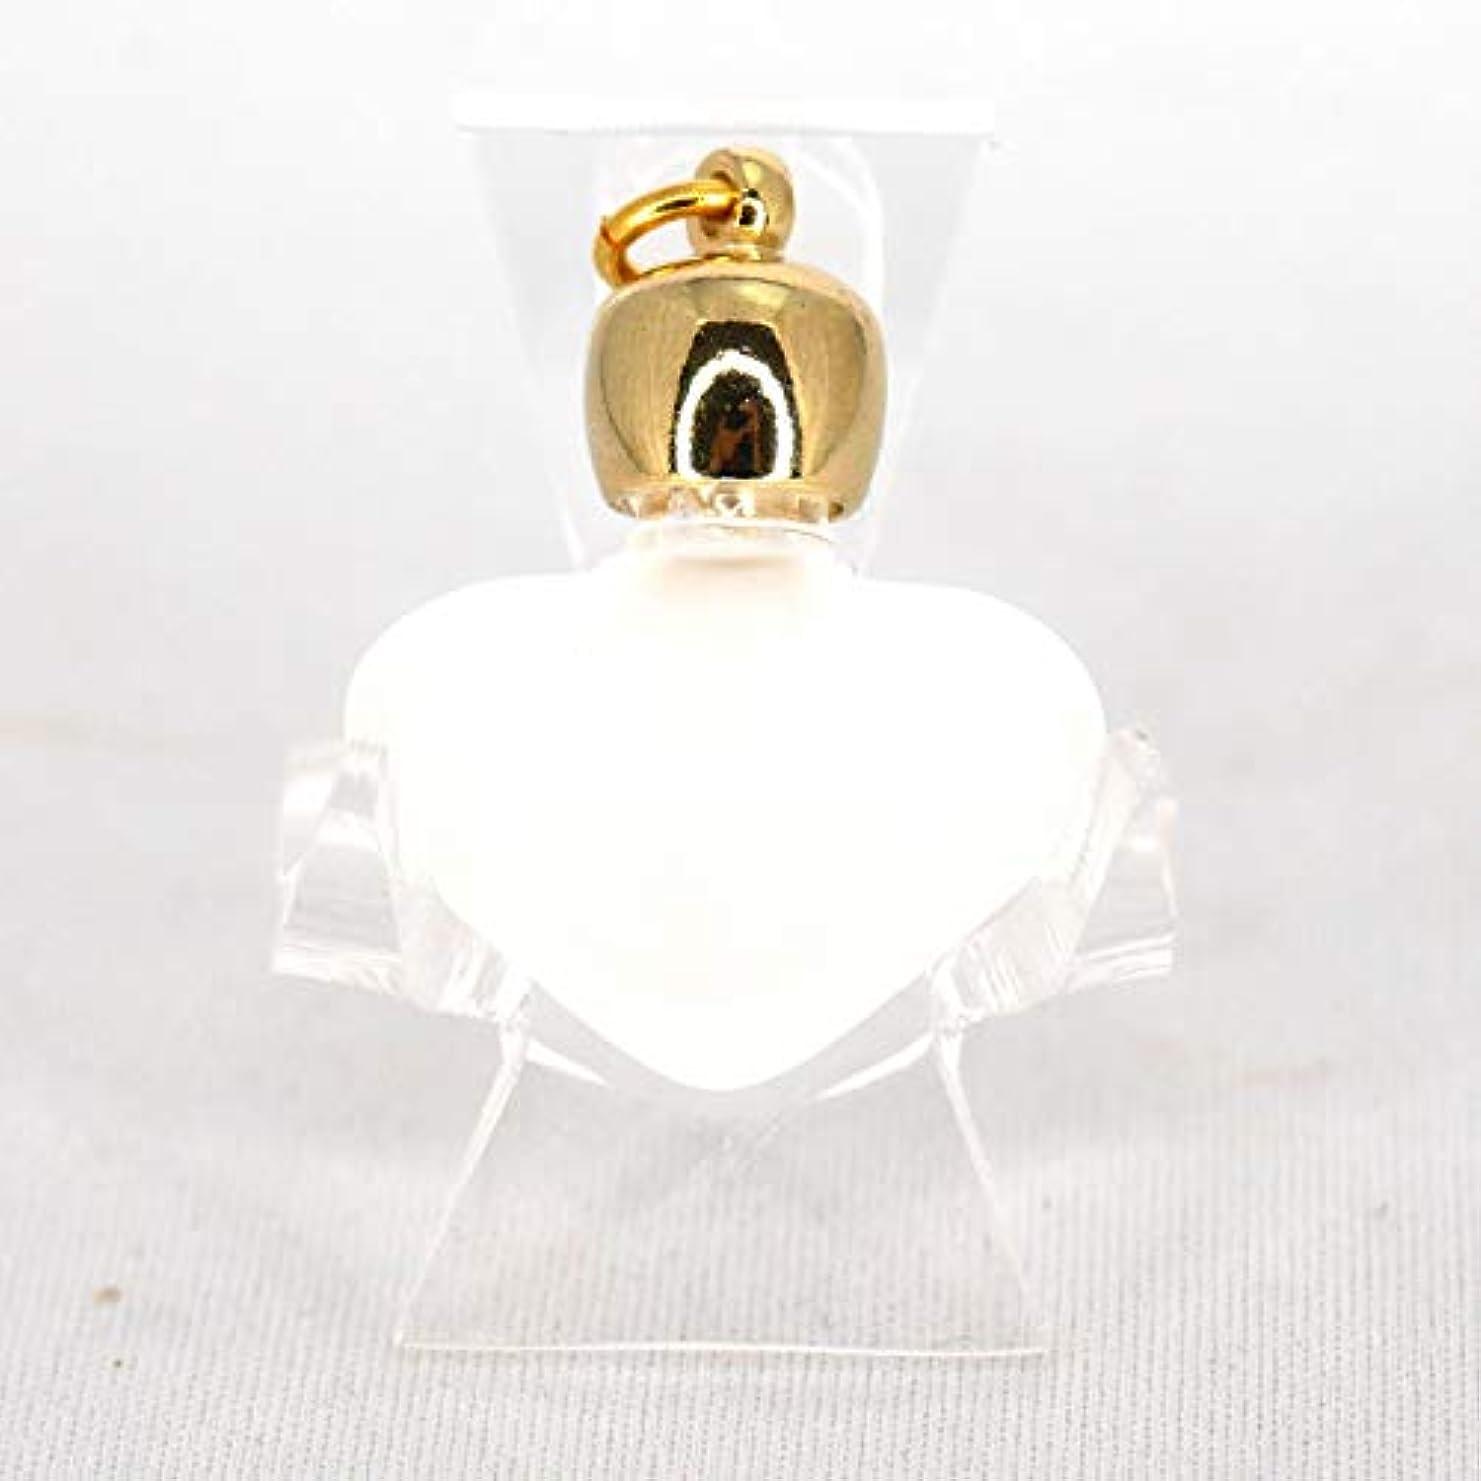 最後のみすぼらしいもミニ香水瓶 アロマペンダントトップ ハートフロスト(すりガラス)0.8ml?ゴールド?穴あきキャップ、パッキン付属【アロマオイル?メモリーオイル入れにオススメ】